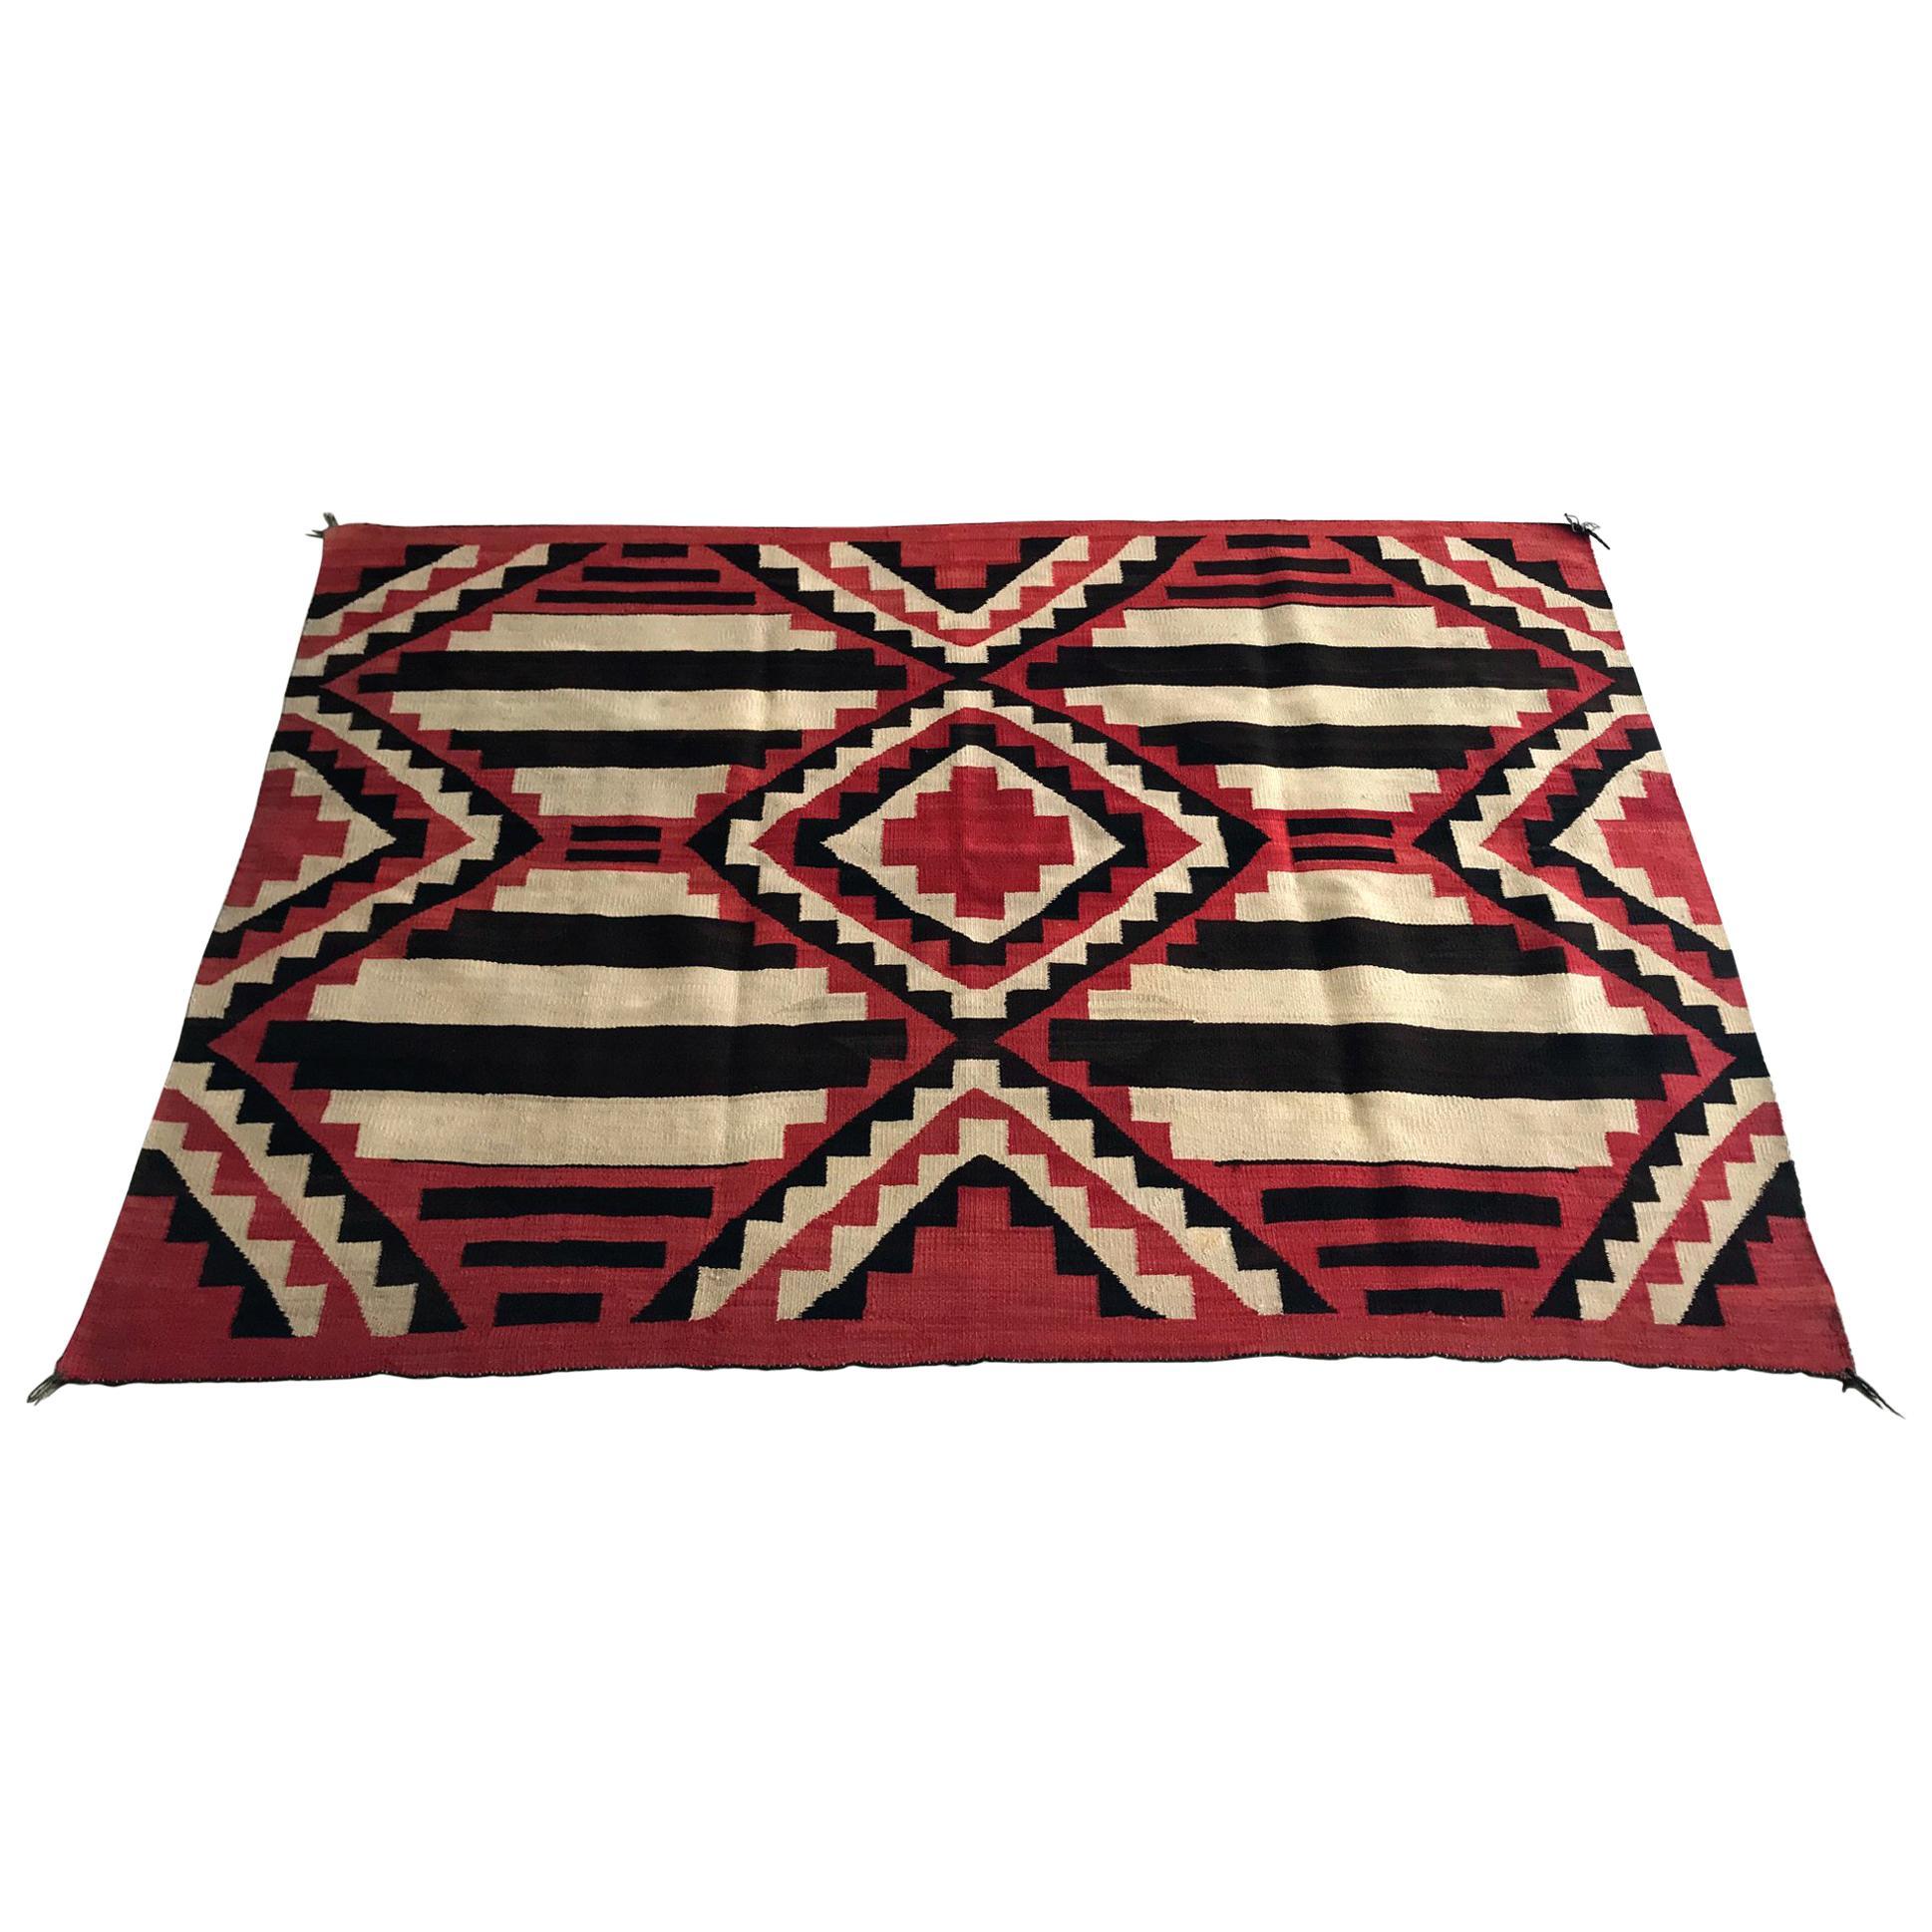 Antique Navajo Chief Blanket